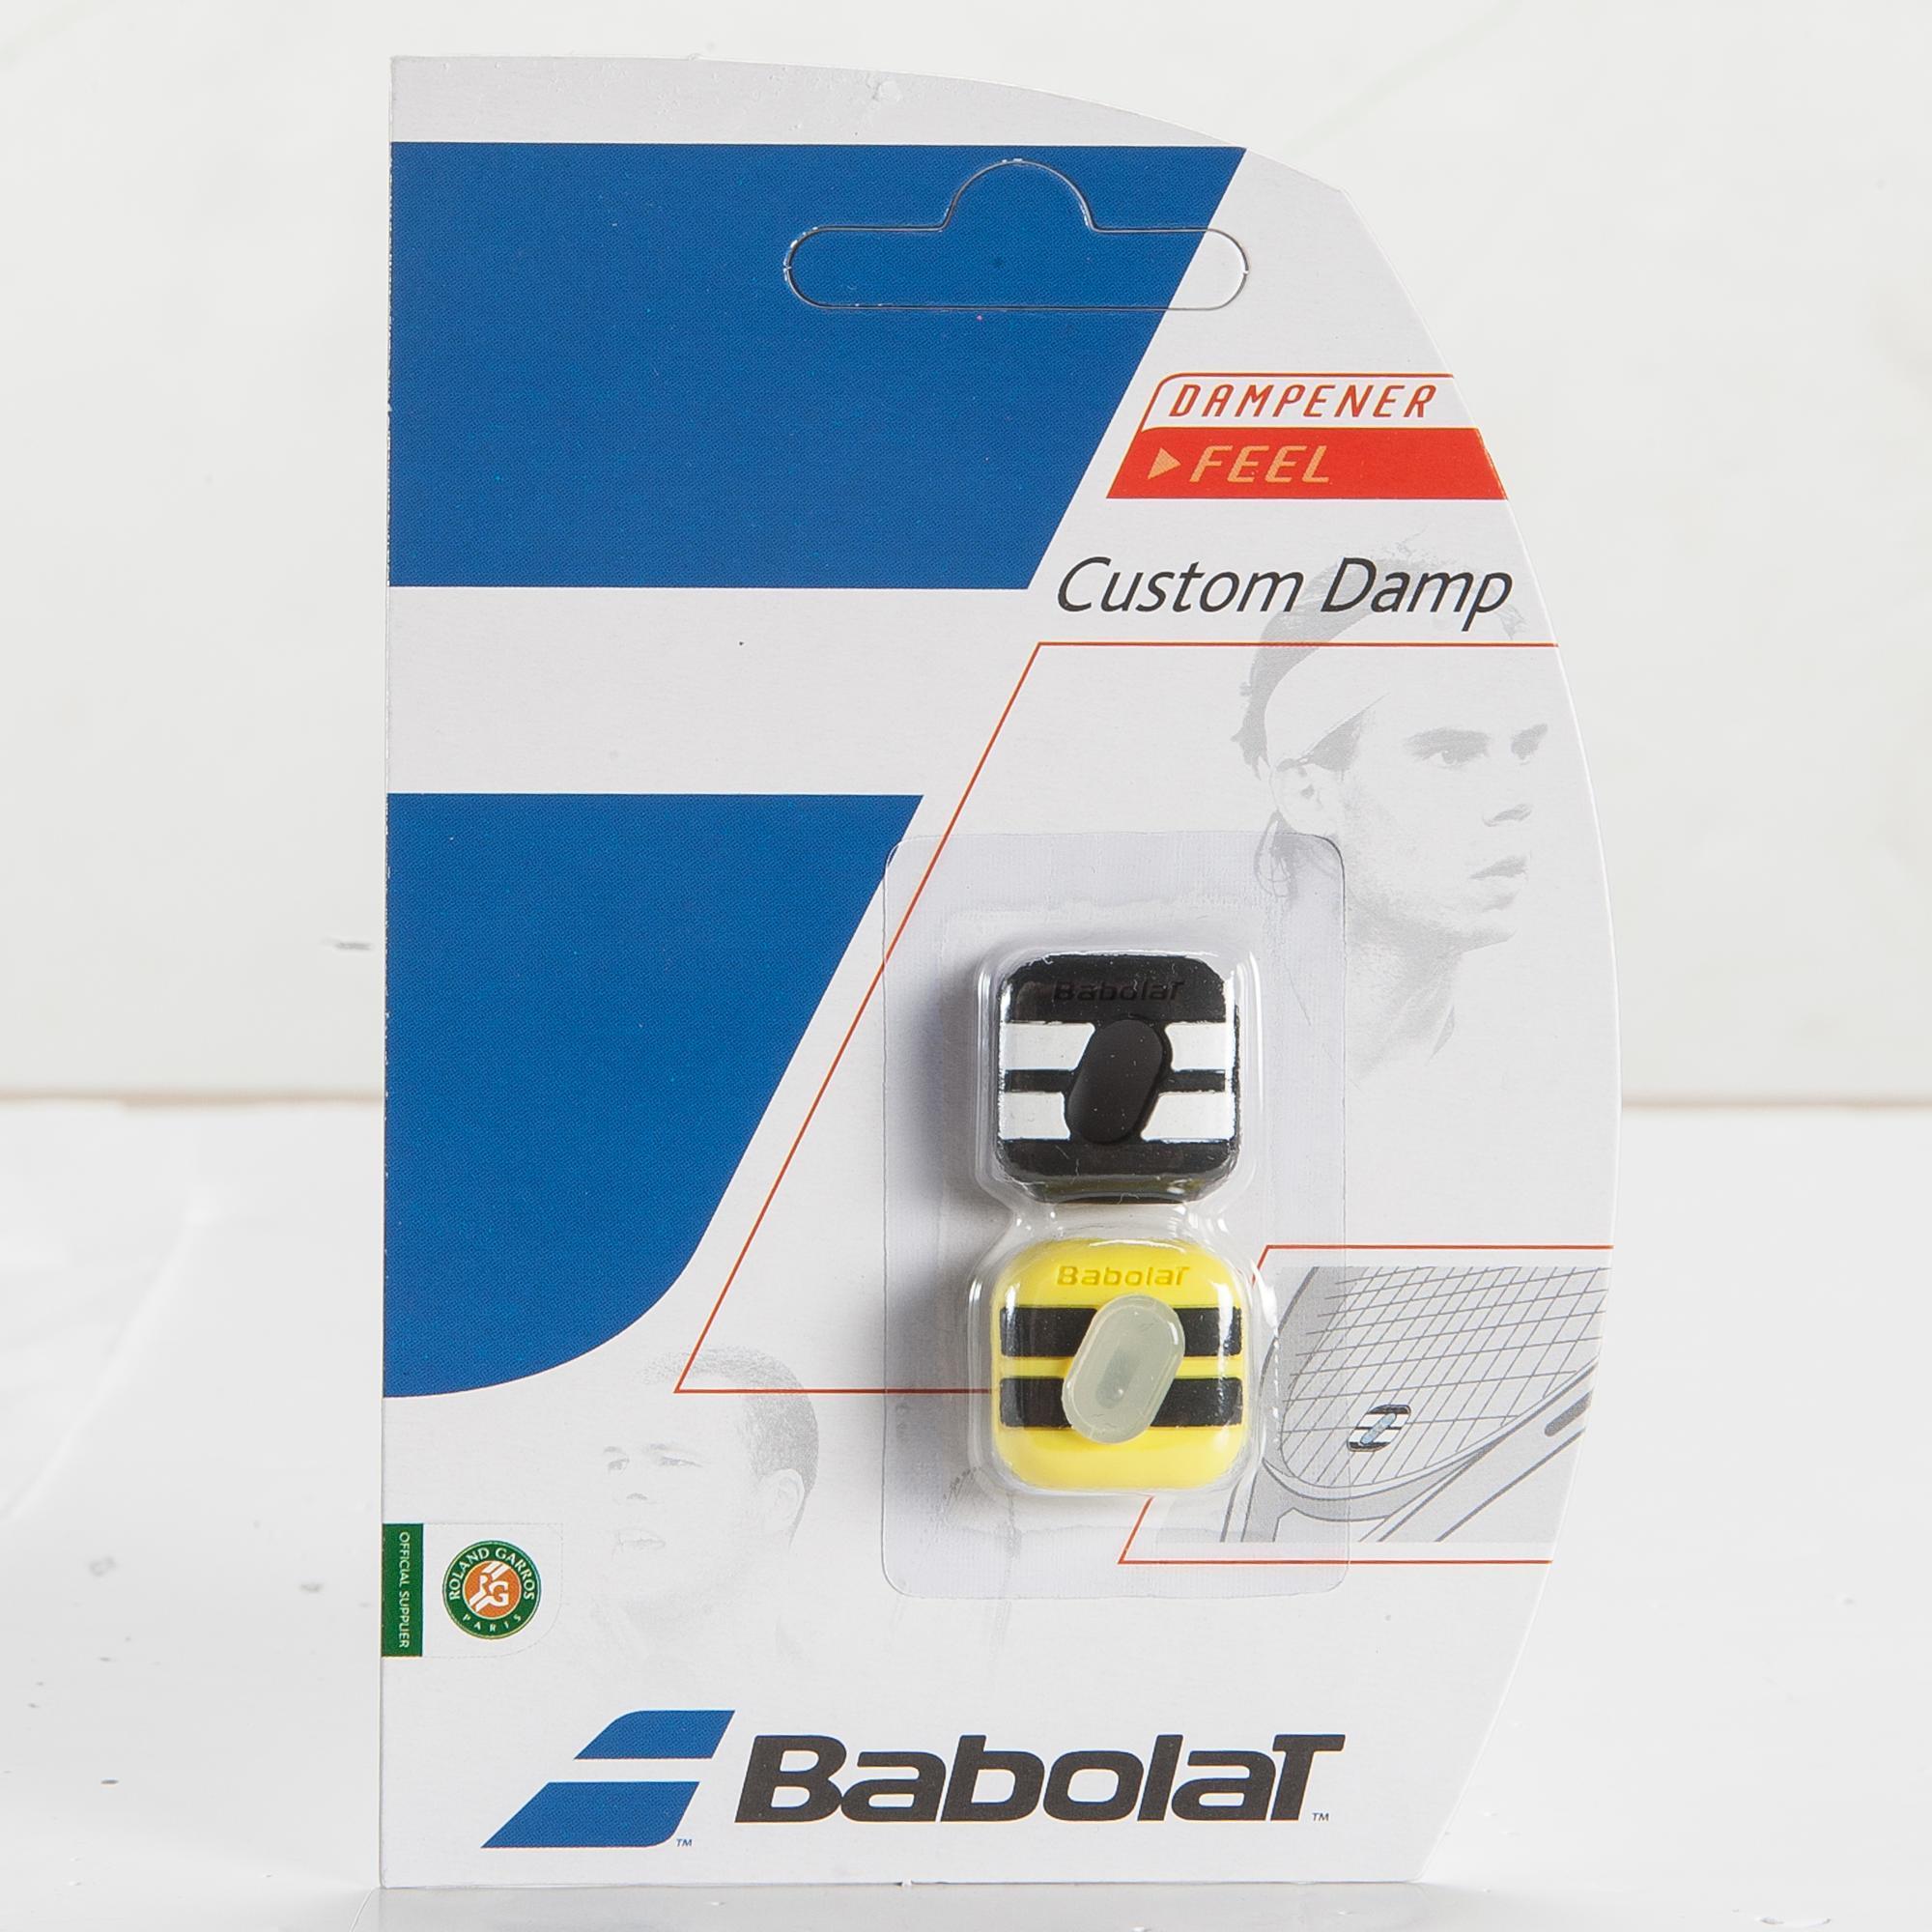 Babolat Trillingdemper tennis Custom Damp Aero zwart en geel kopen